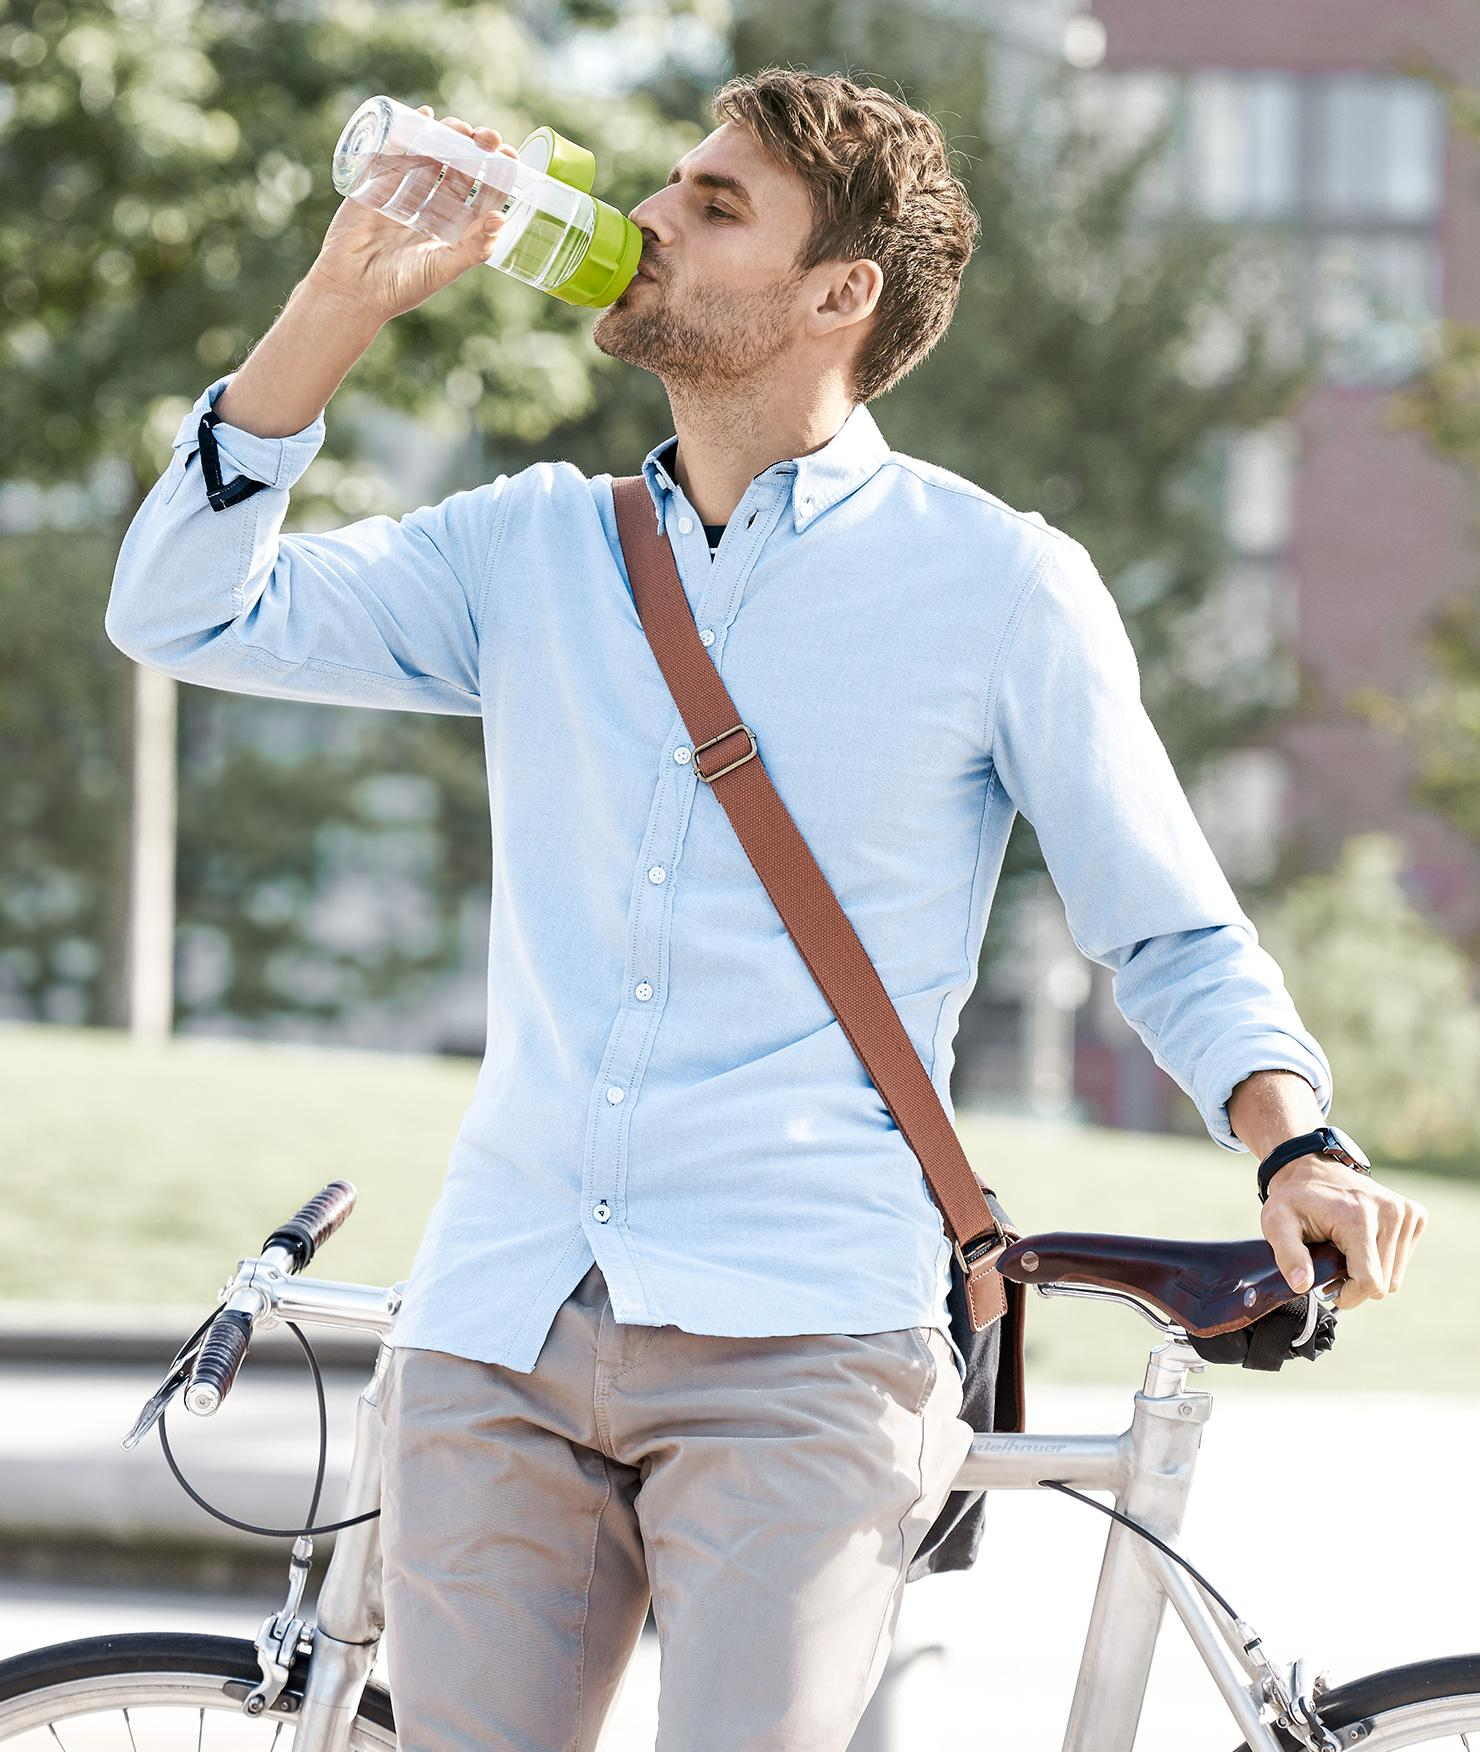 BRITA healthier planet man on bike drinking water